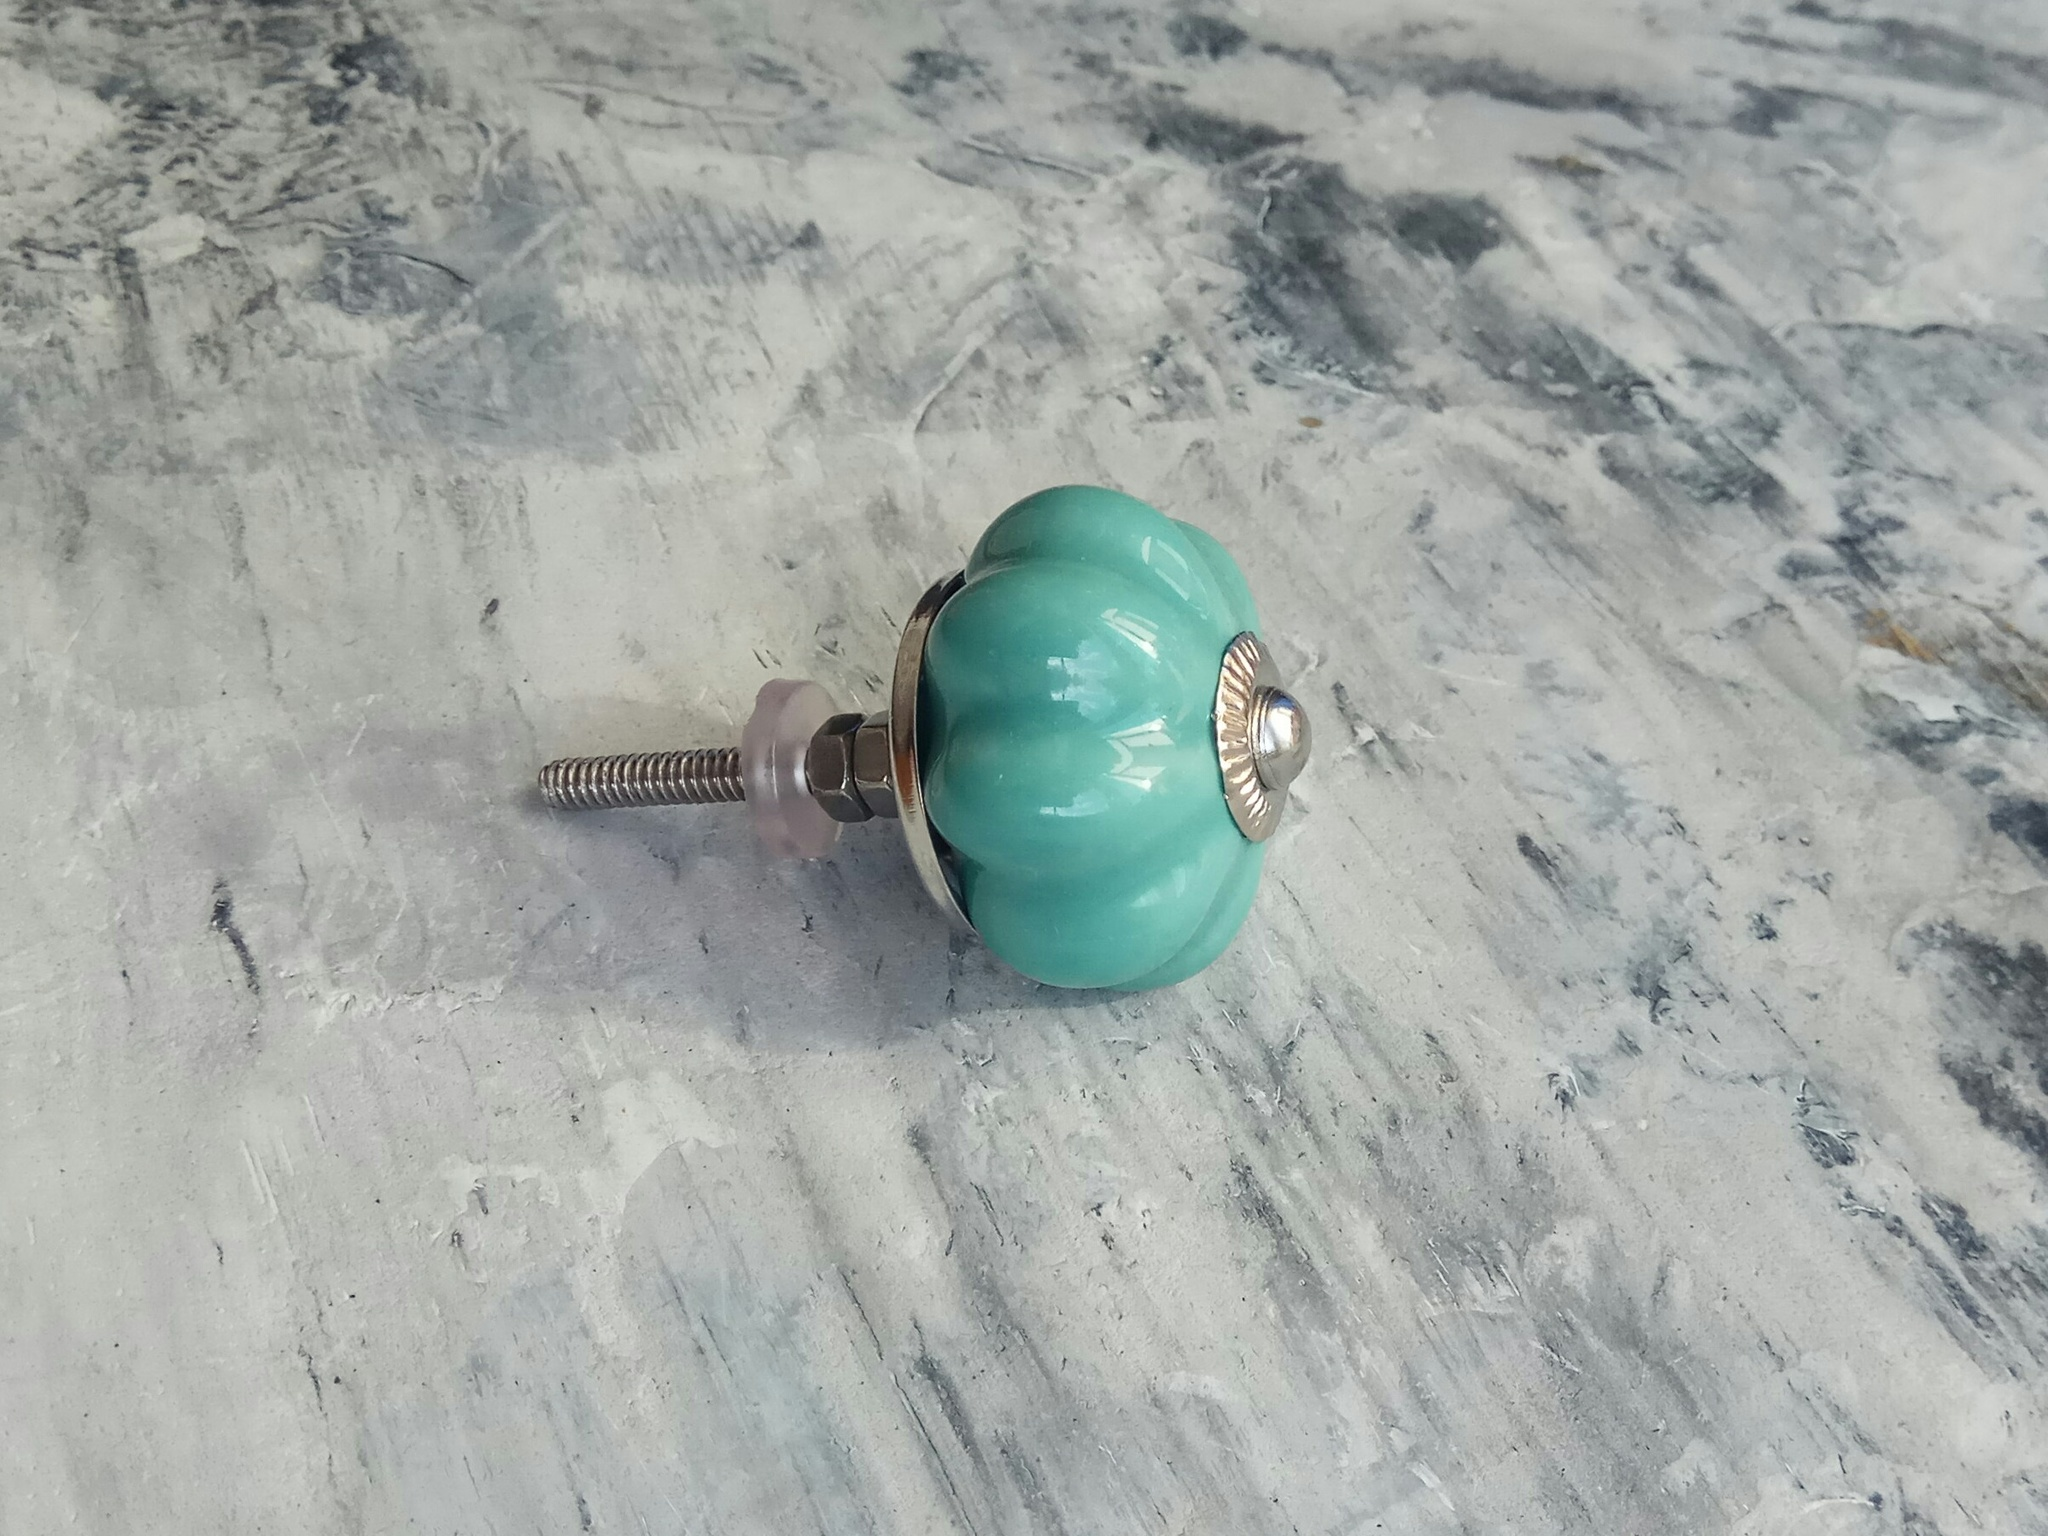 Ручка мебельная керамическая бирюзовая, арт. 00001093